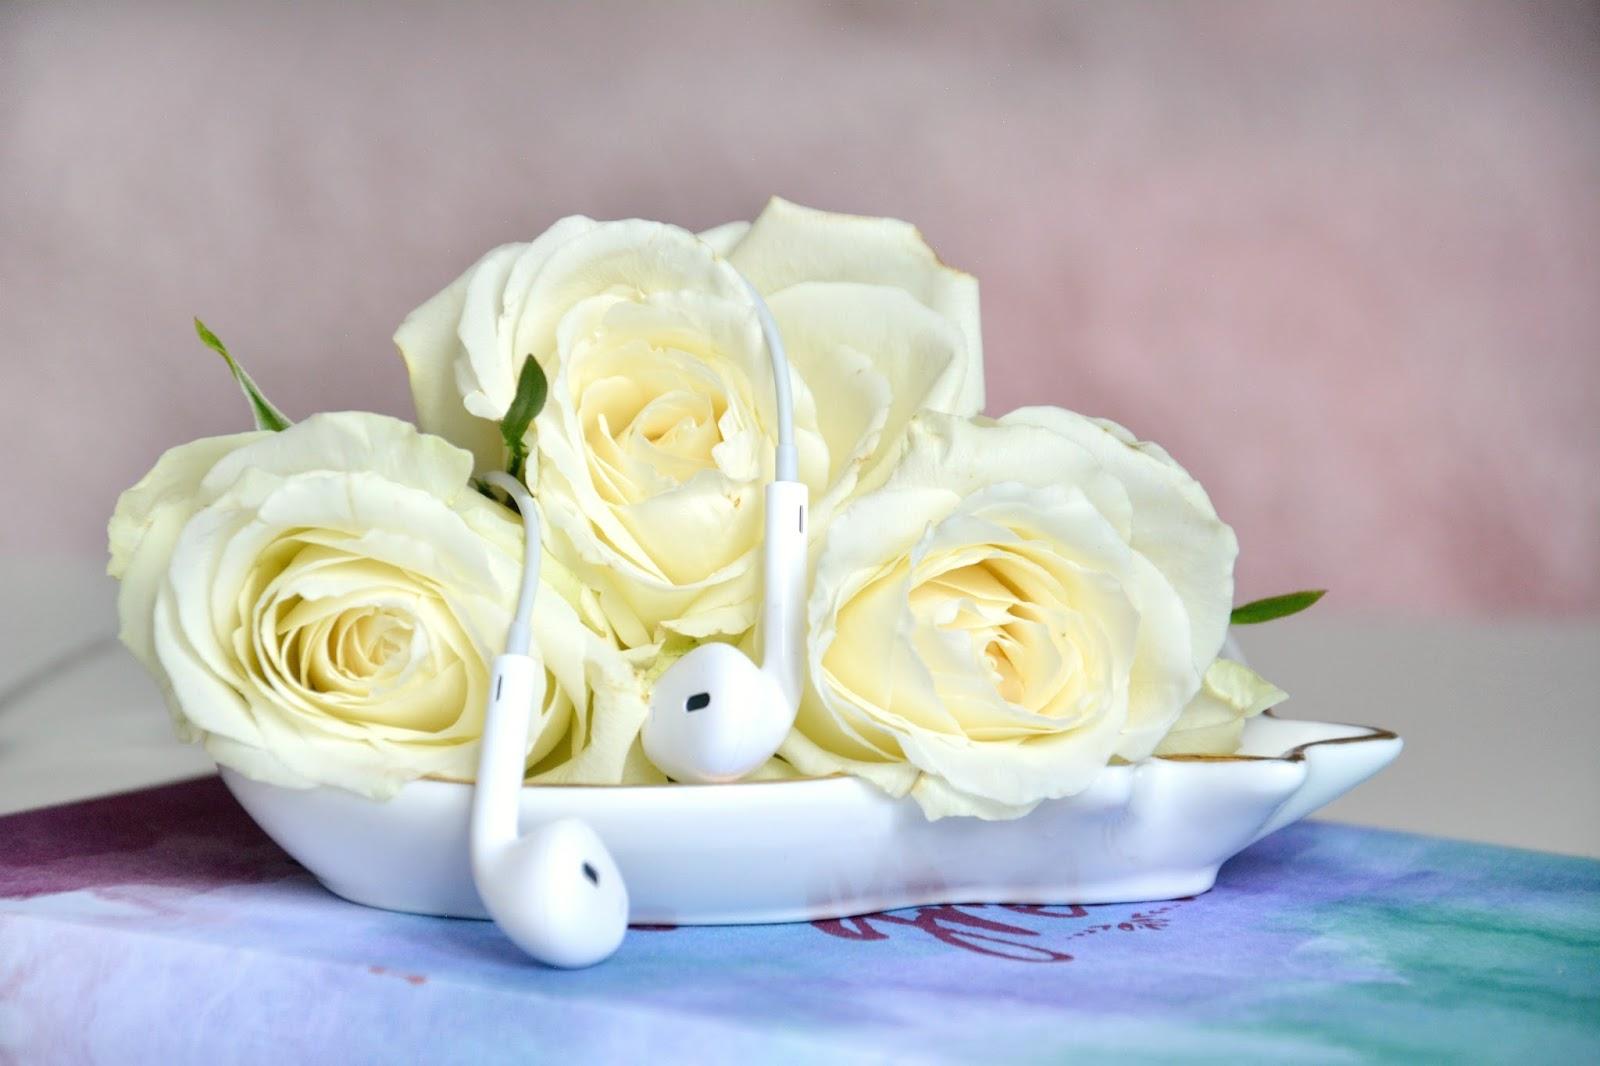 White Roses; Apple EarPods; Maisons Du Monde Pineapple Trinket Dish, Hema Notebook